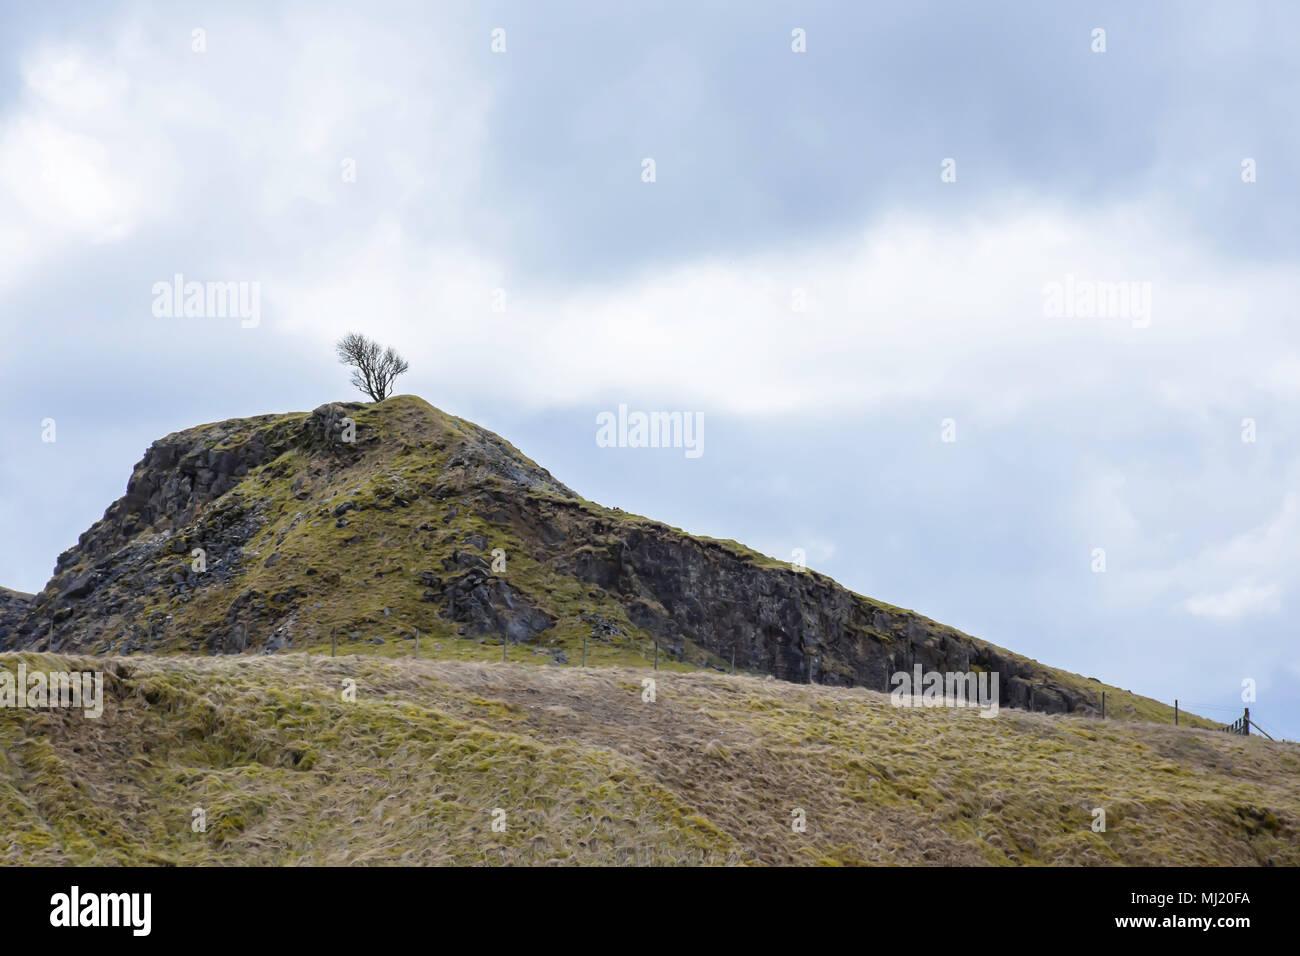 Baum auf der felsigen Hügel und Blau, bewölkter Himmel. Nationalpark Peak District, Derbyshire Uk. Atemberaubende britische Landschaft Landschaft im Frühjahr. Stockfoto